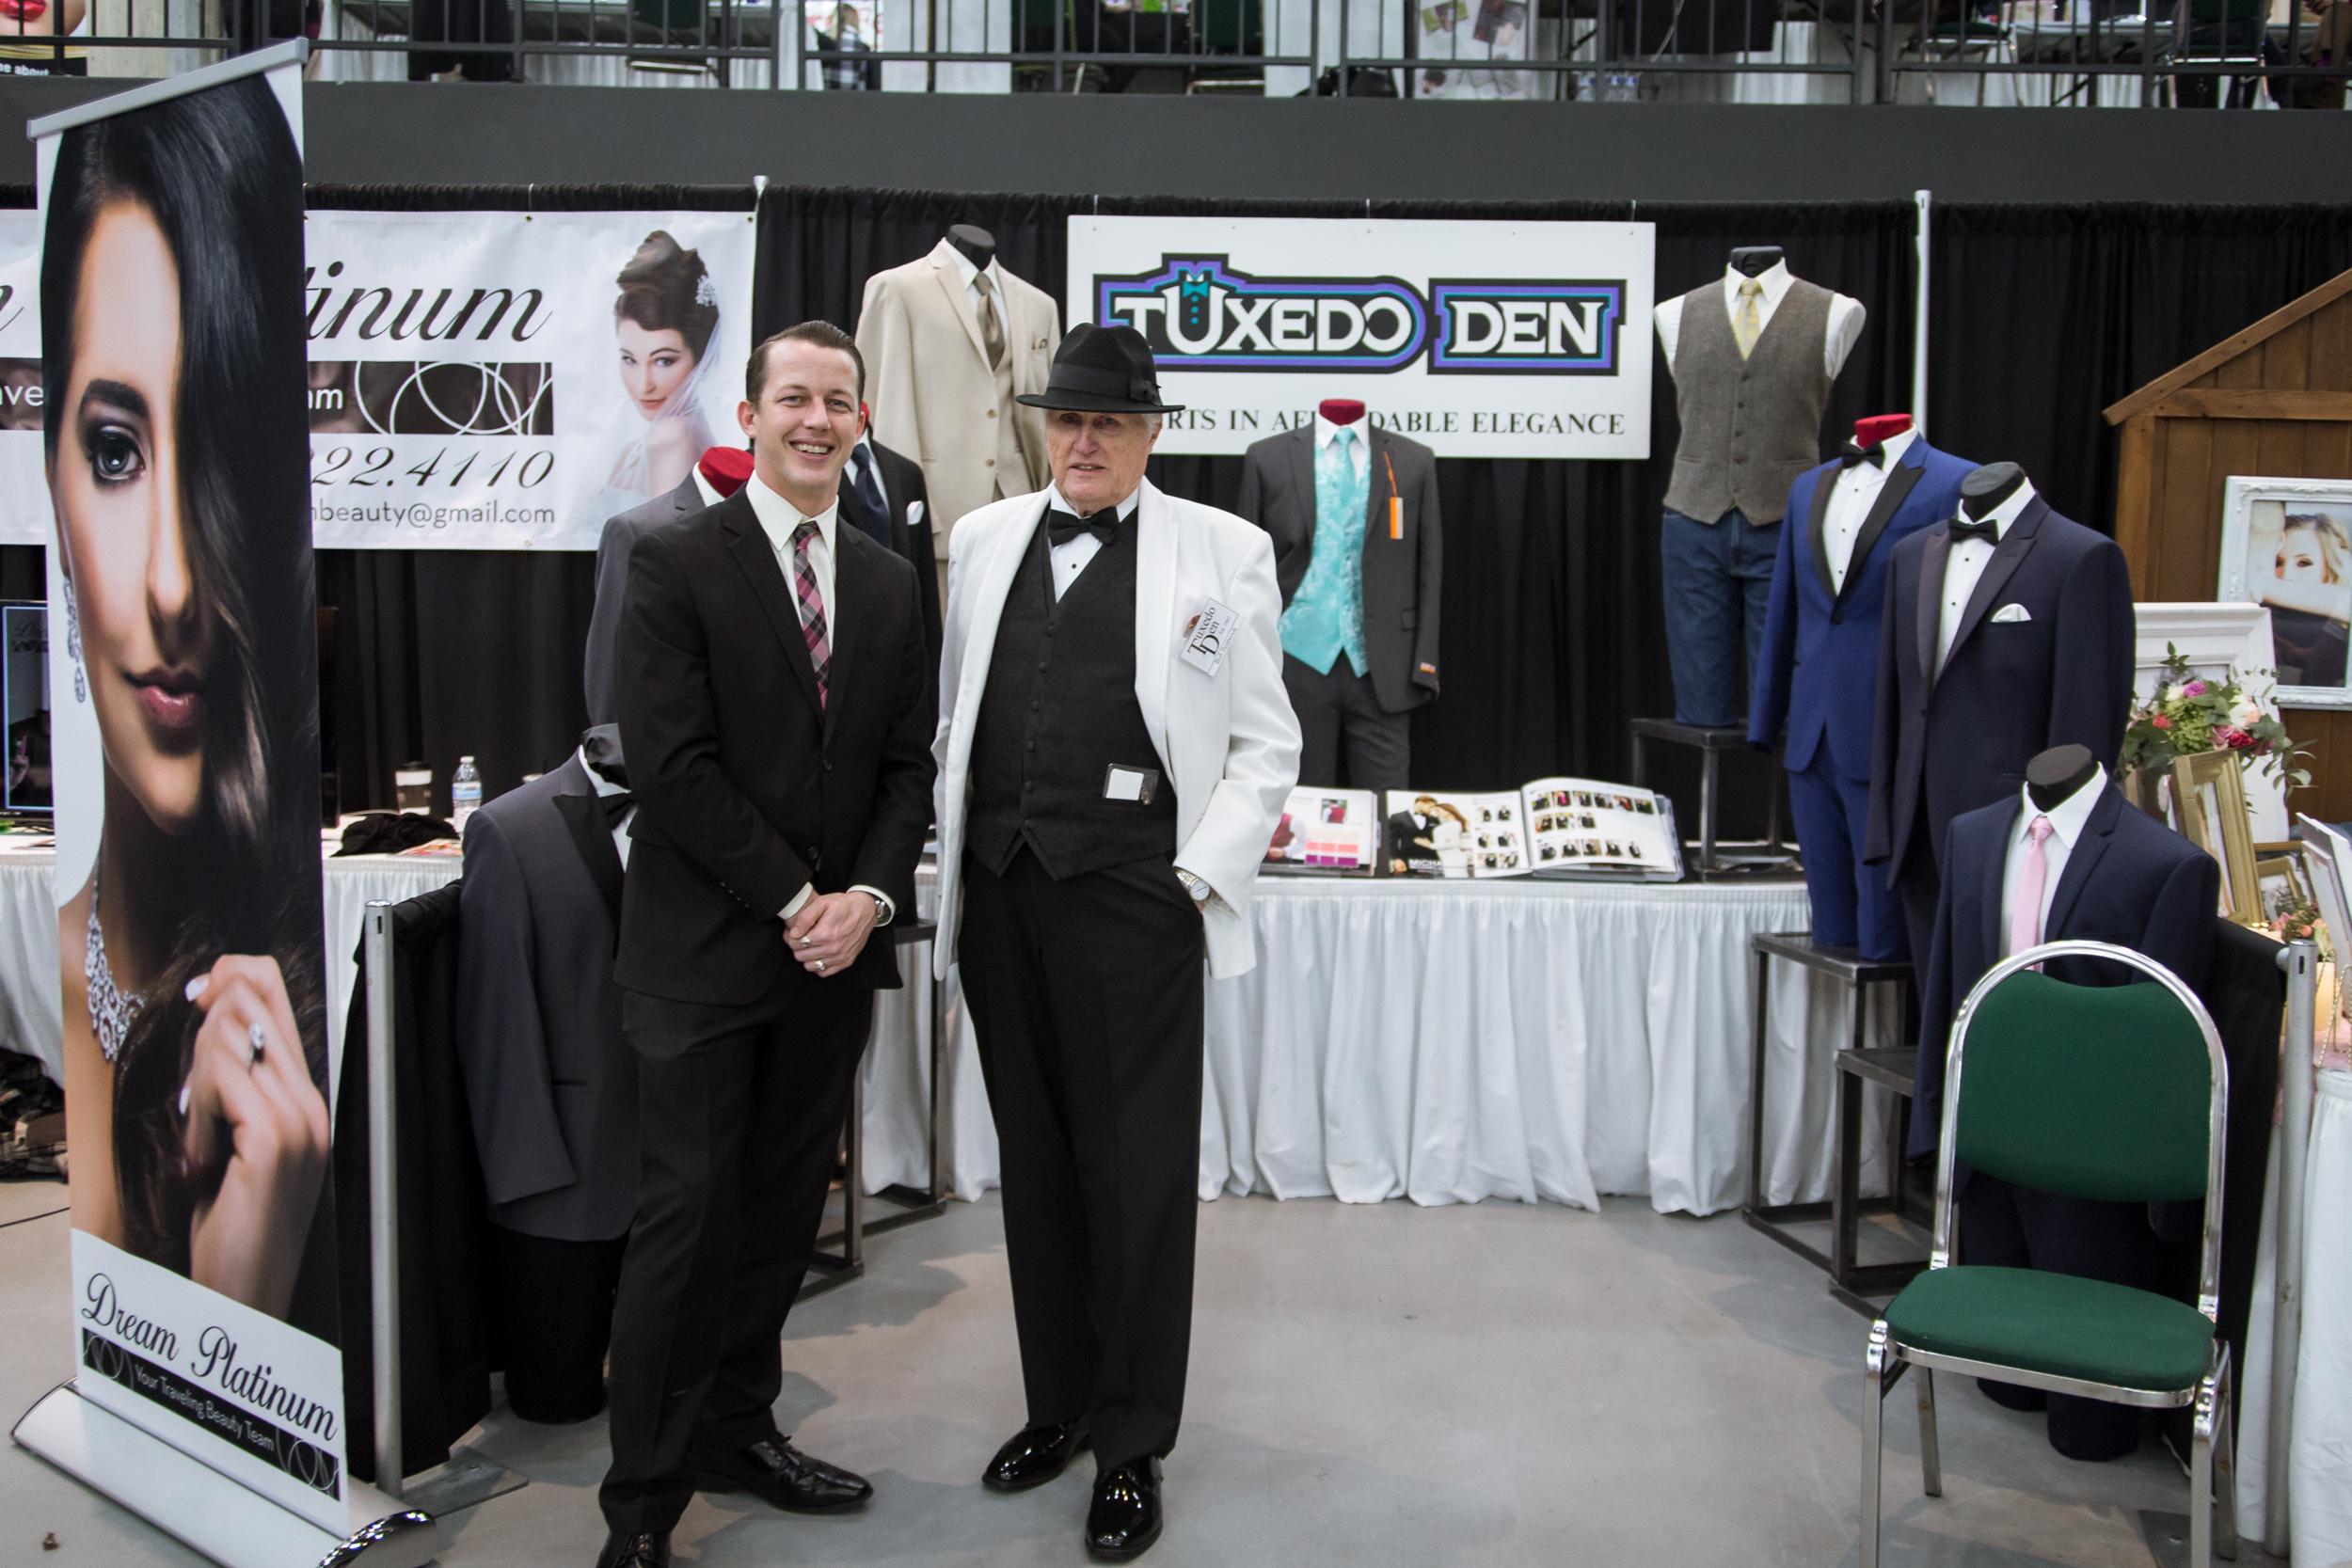 Tuxedo Den Redding Bridal Show Wedding Expo